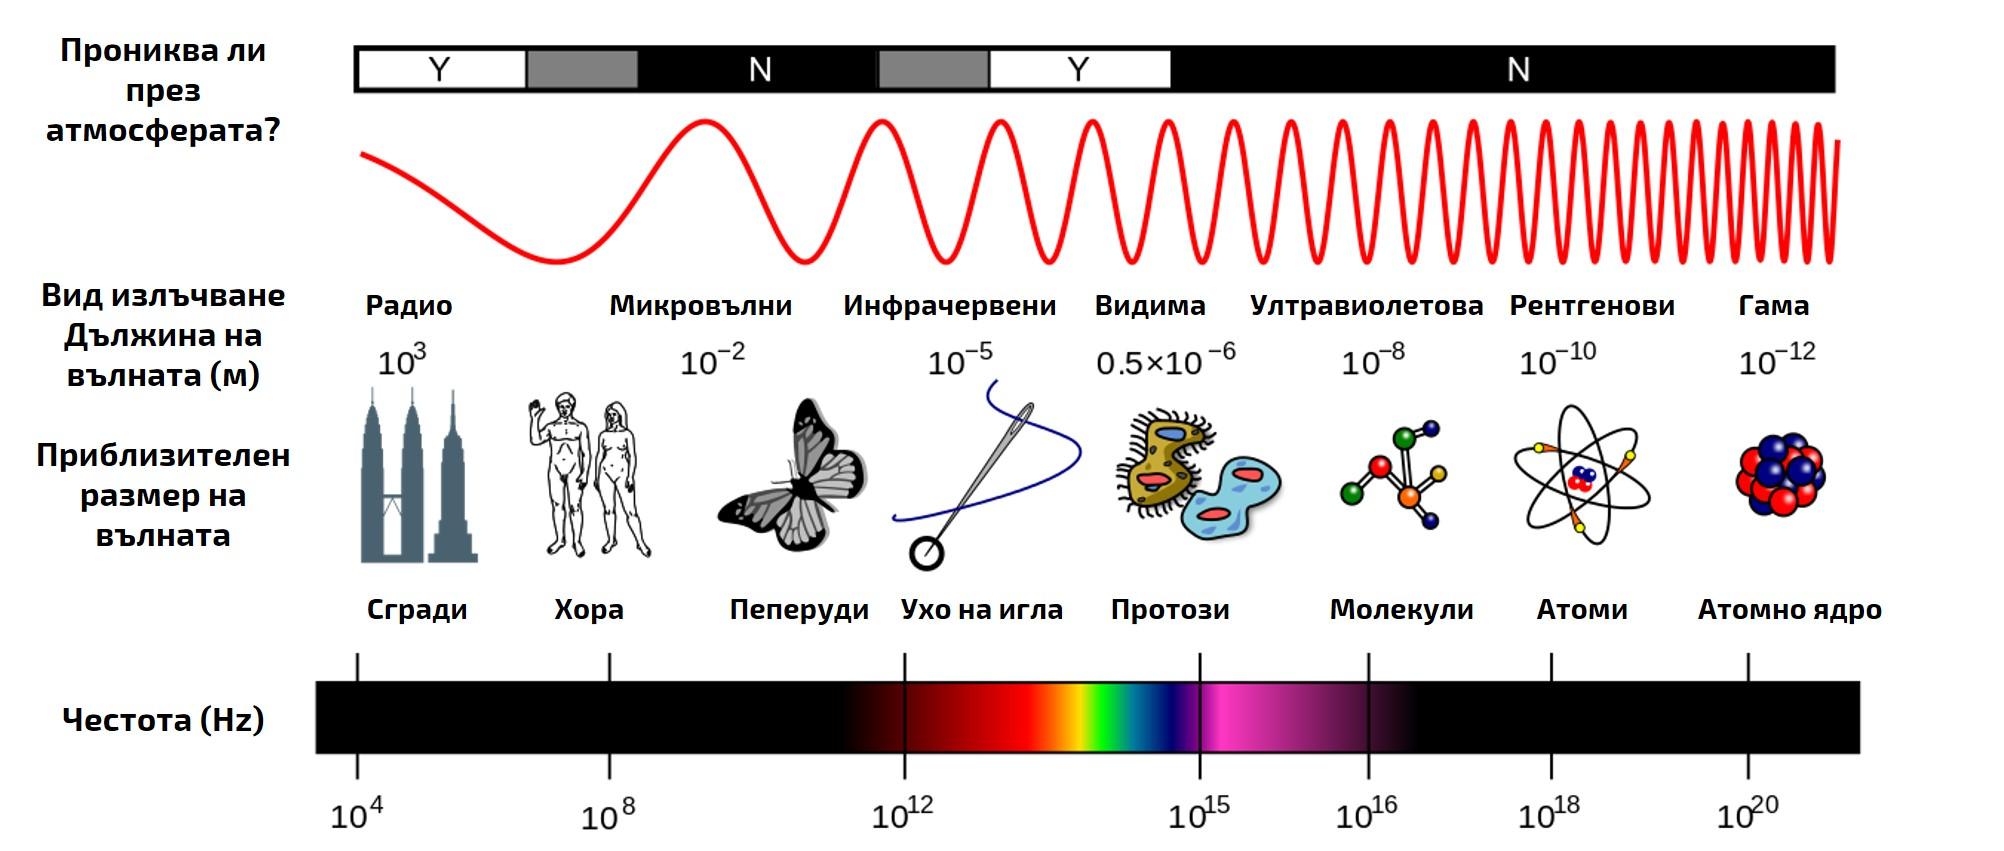 EMF-spectrum-BG